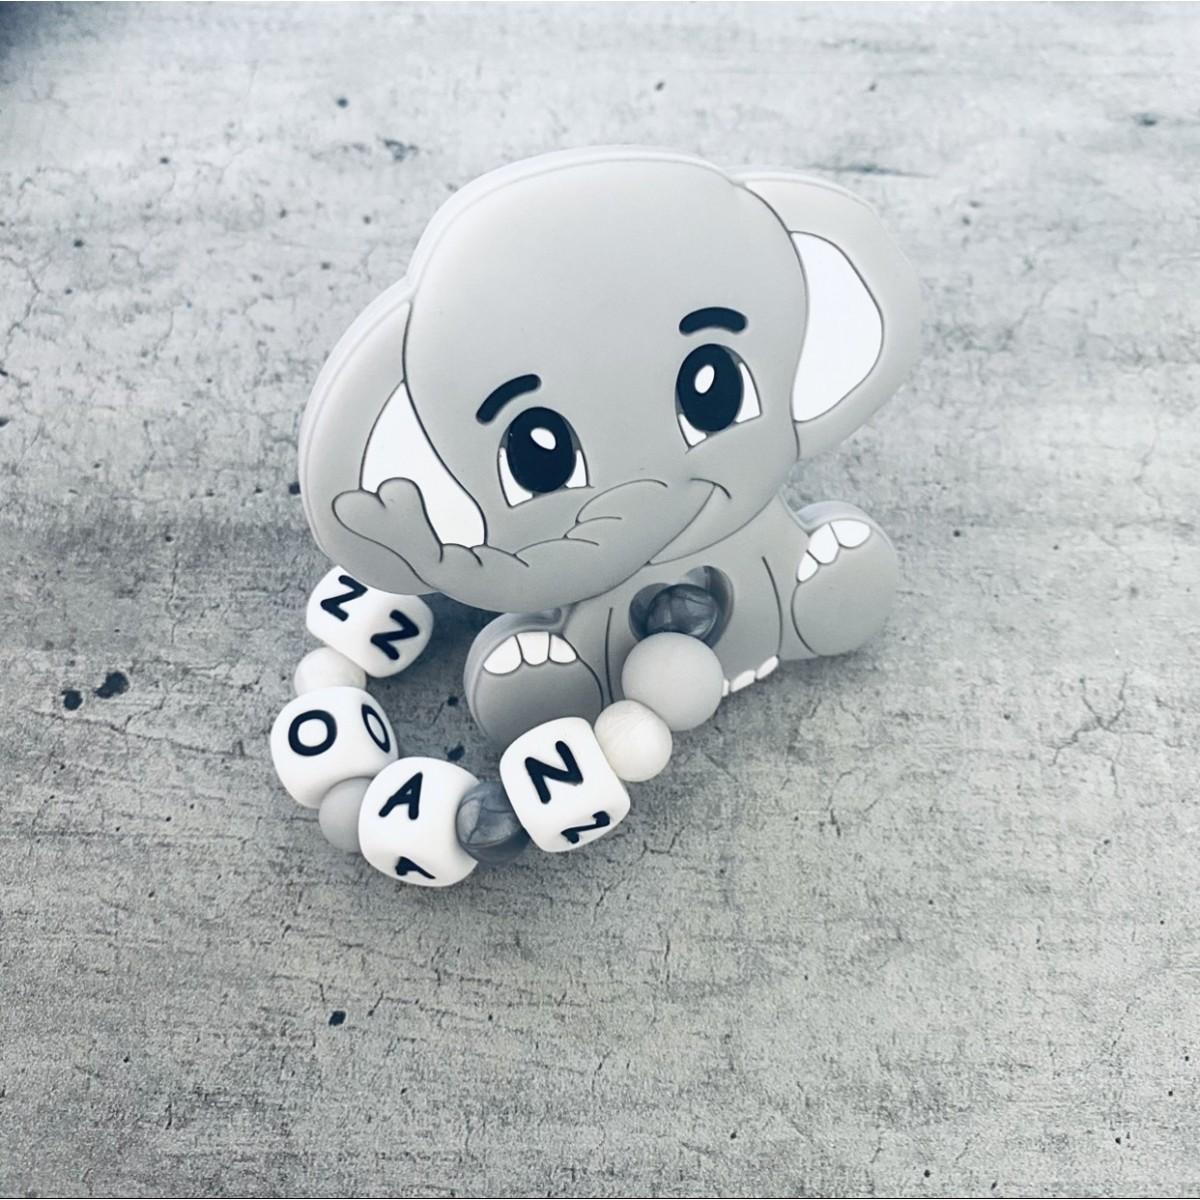 Anneau de dentition personnalisé pour fille et garçon : personnalisez l'anneau de dentition de votre bébé confectionné avec des perles en silicone à la main dans mon atelier à Montpellier. Large choix de modèles d'anneaux de dentition personnalisables.